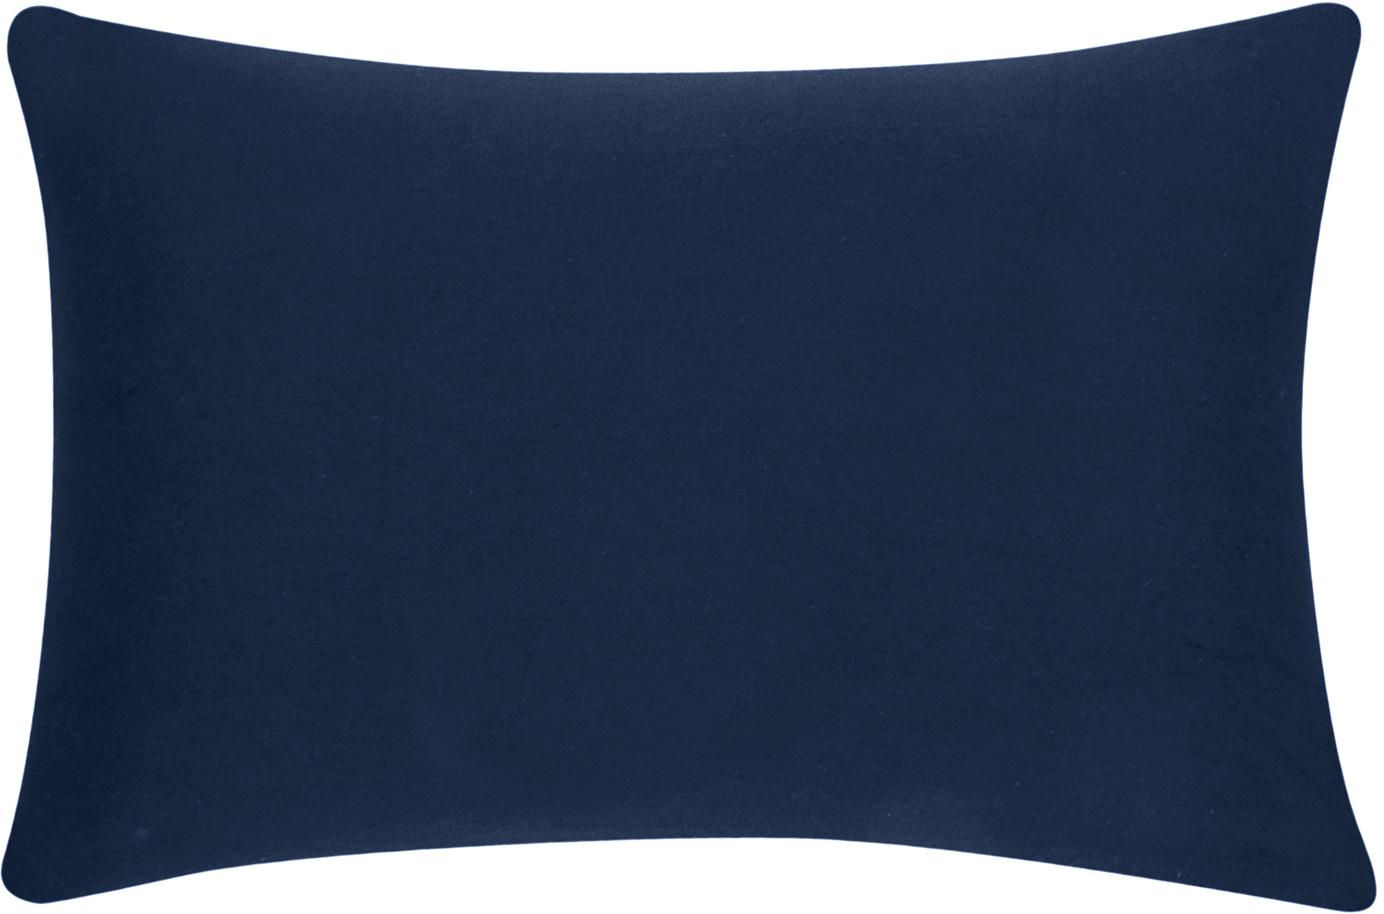 Baumwoll-Kissenhülle Mads in Navyblau, 100% Baumwolle, Navyblau, 30 x 50 cm